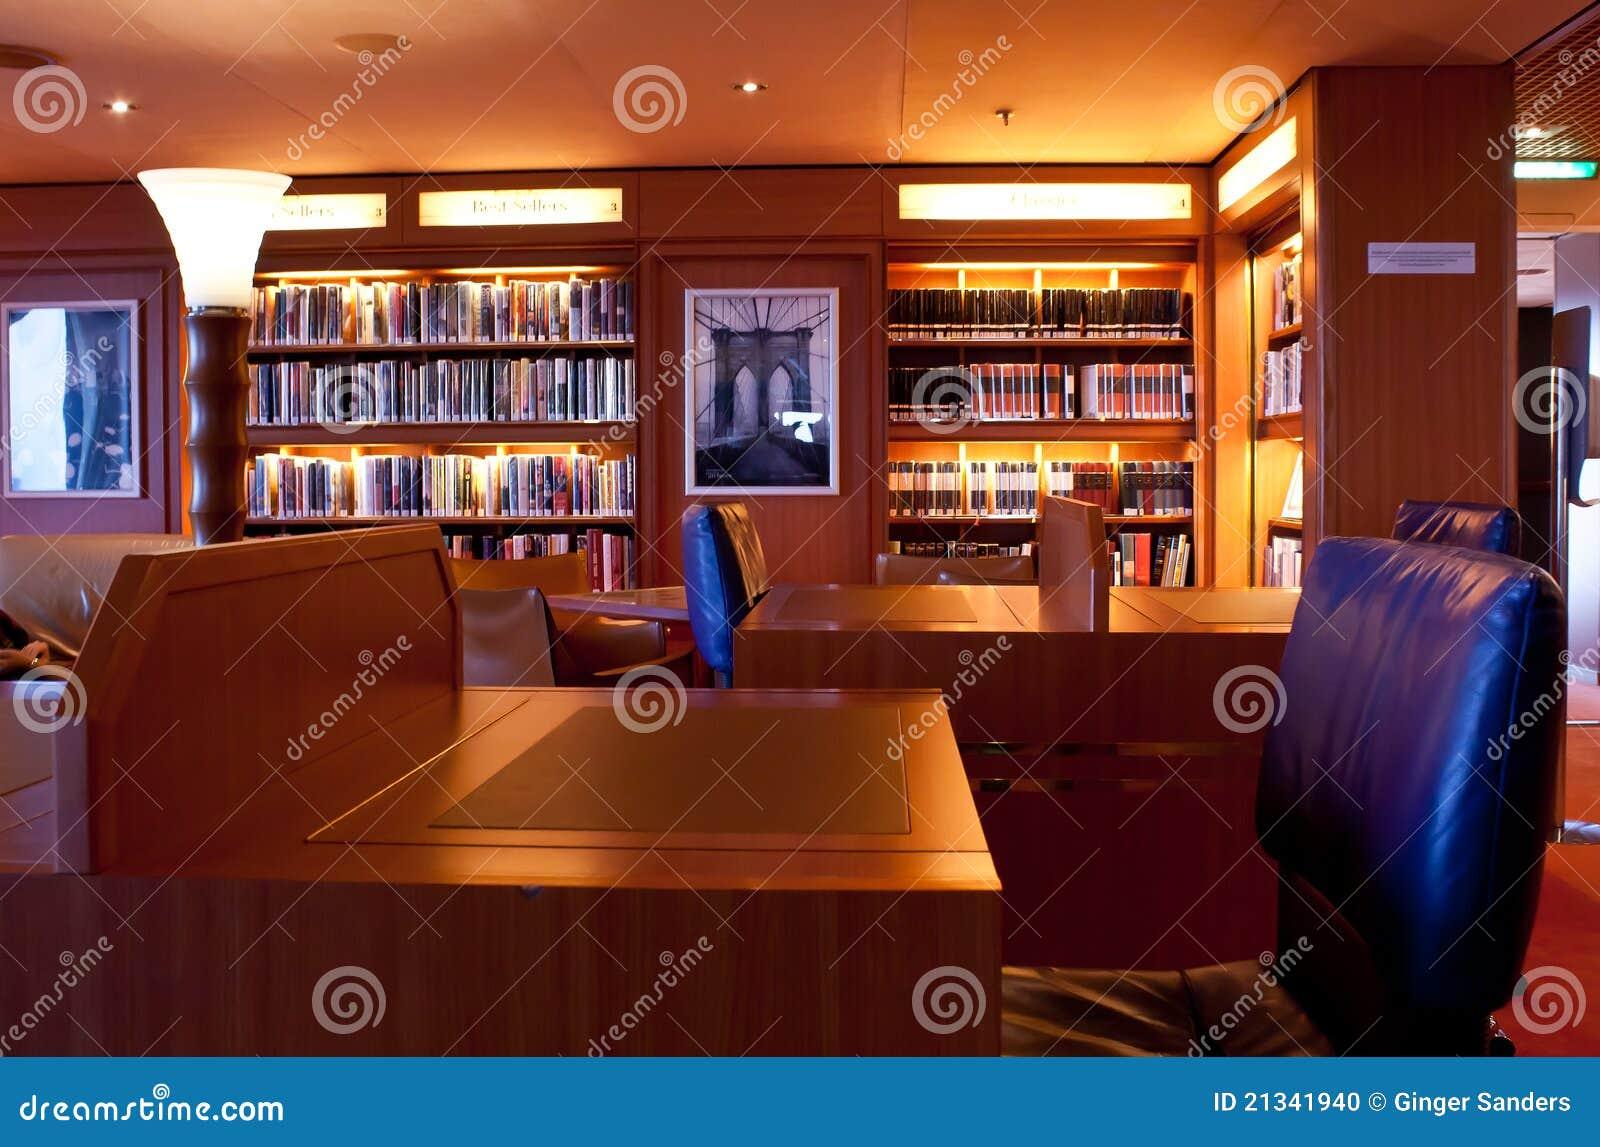 Comfortable Cruise Ship Library